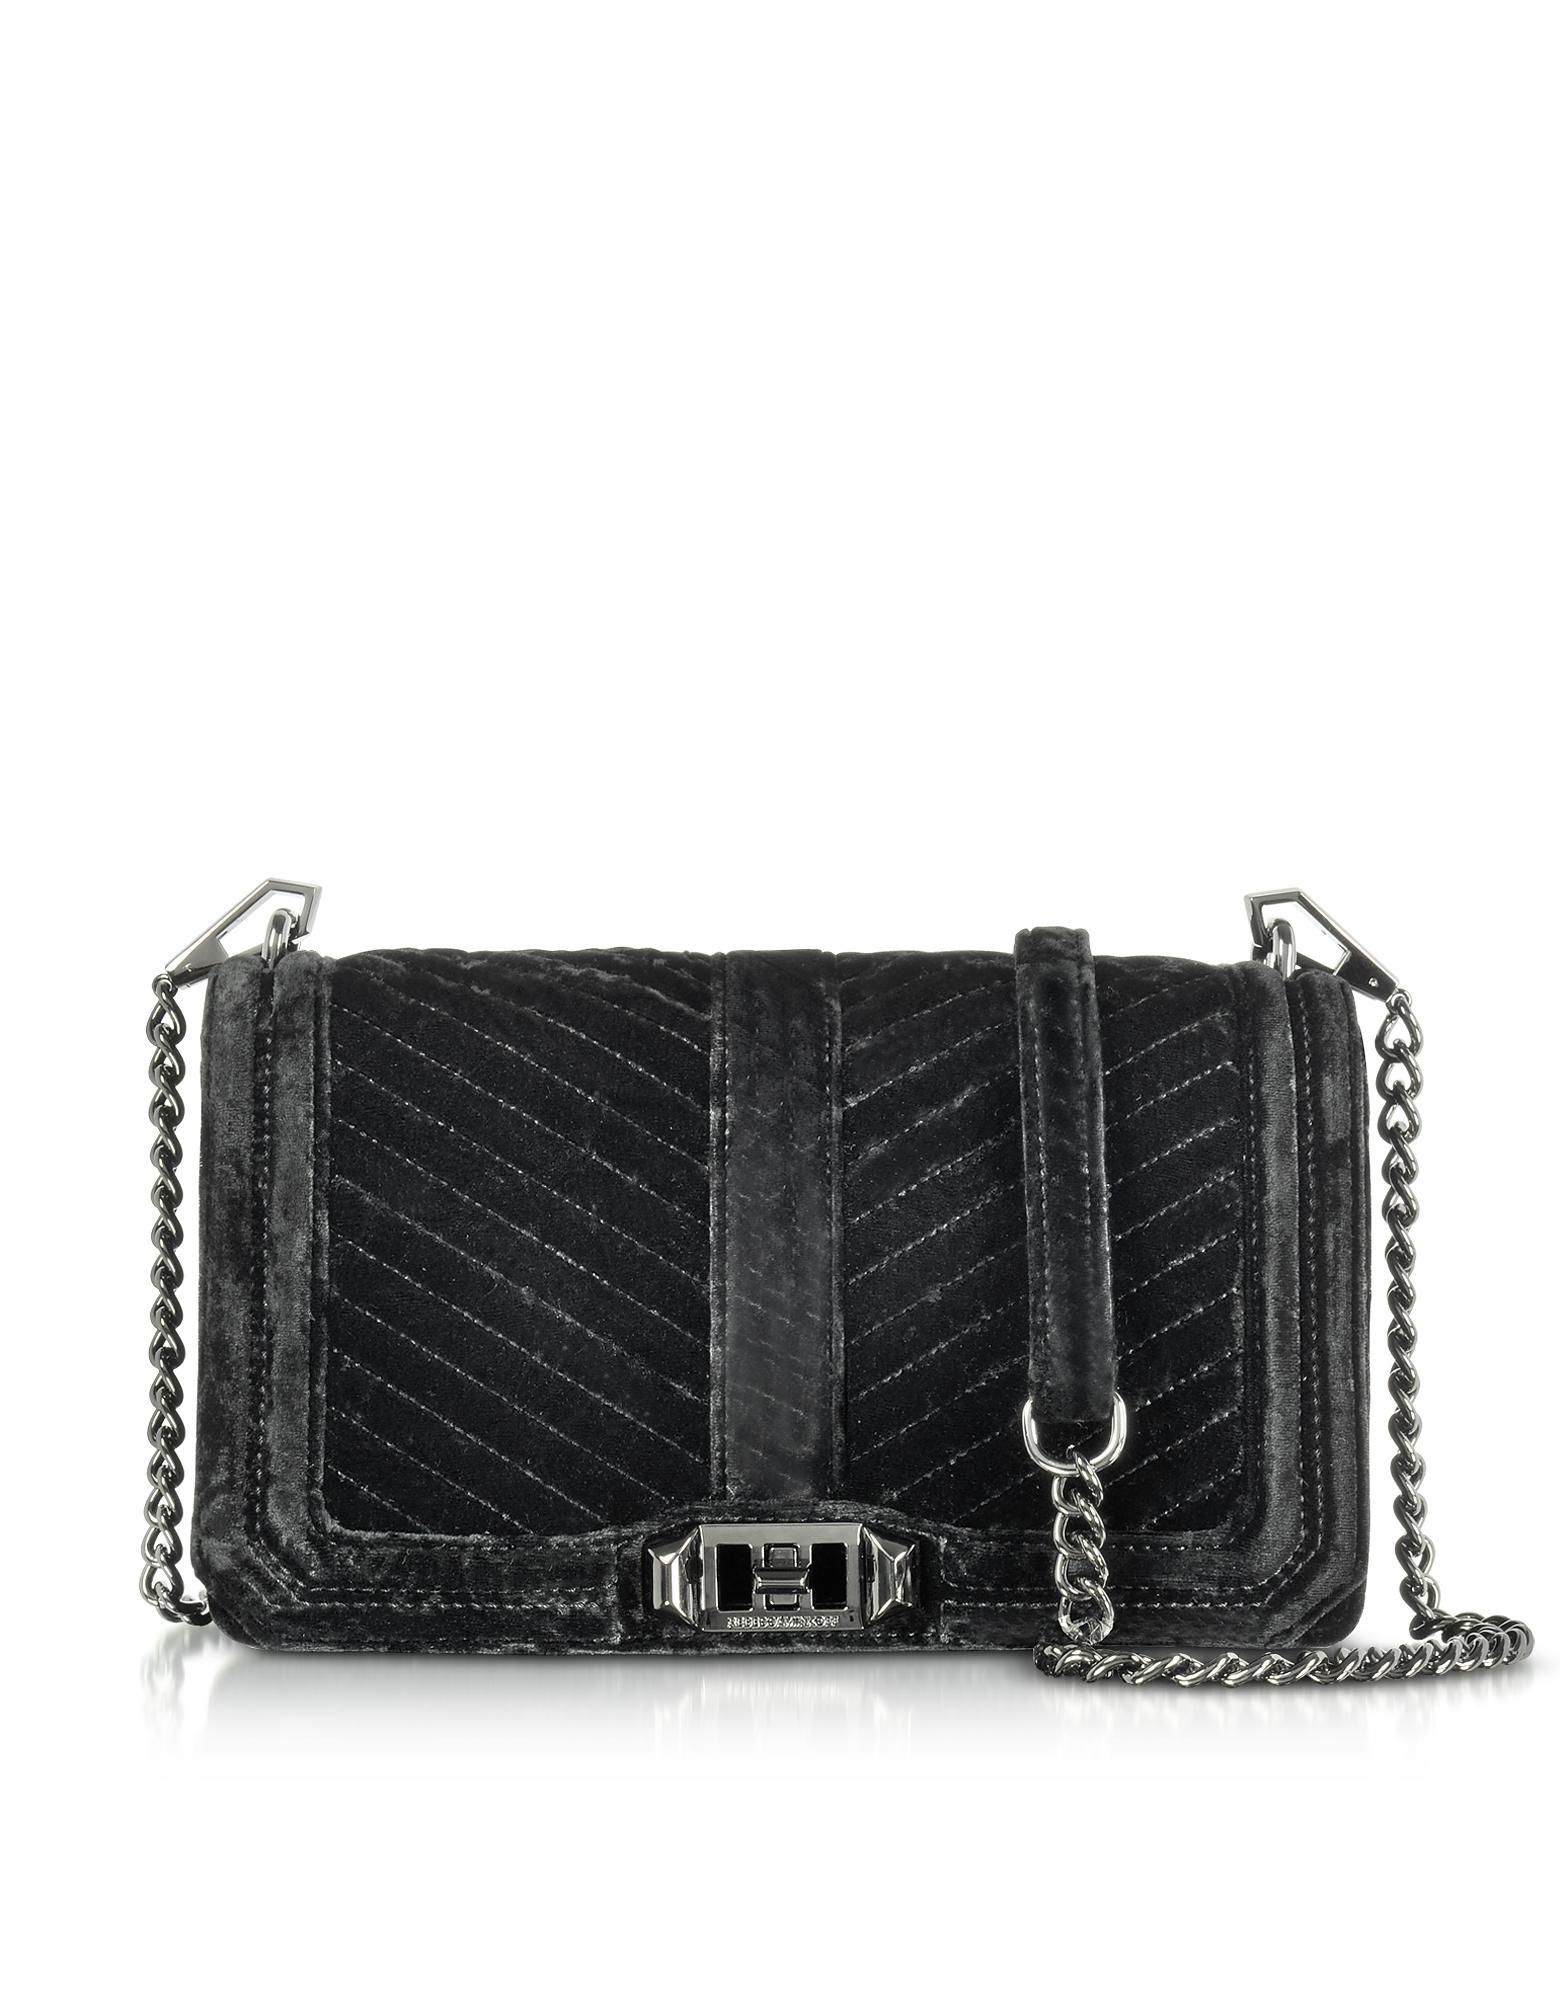 441f72895 Rebecca Minkoff Black Chevron Quilted Velvet Love Crossbody Bag ...